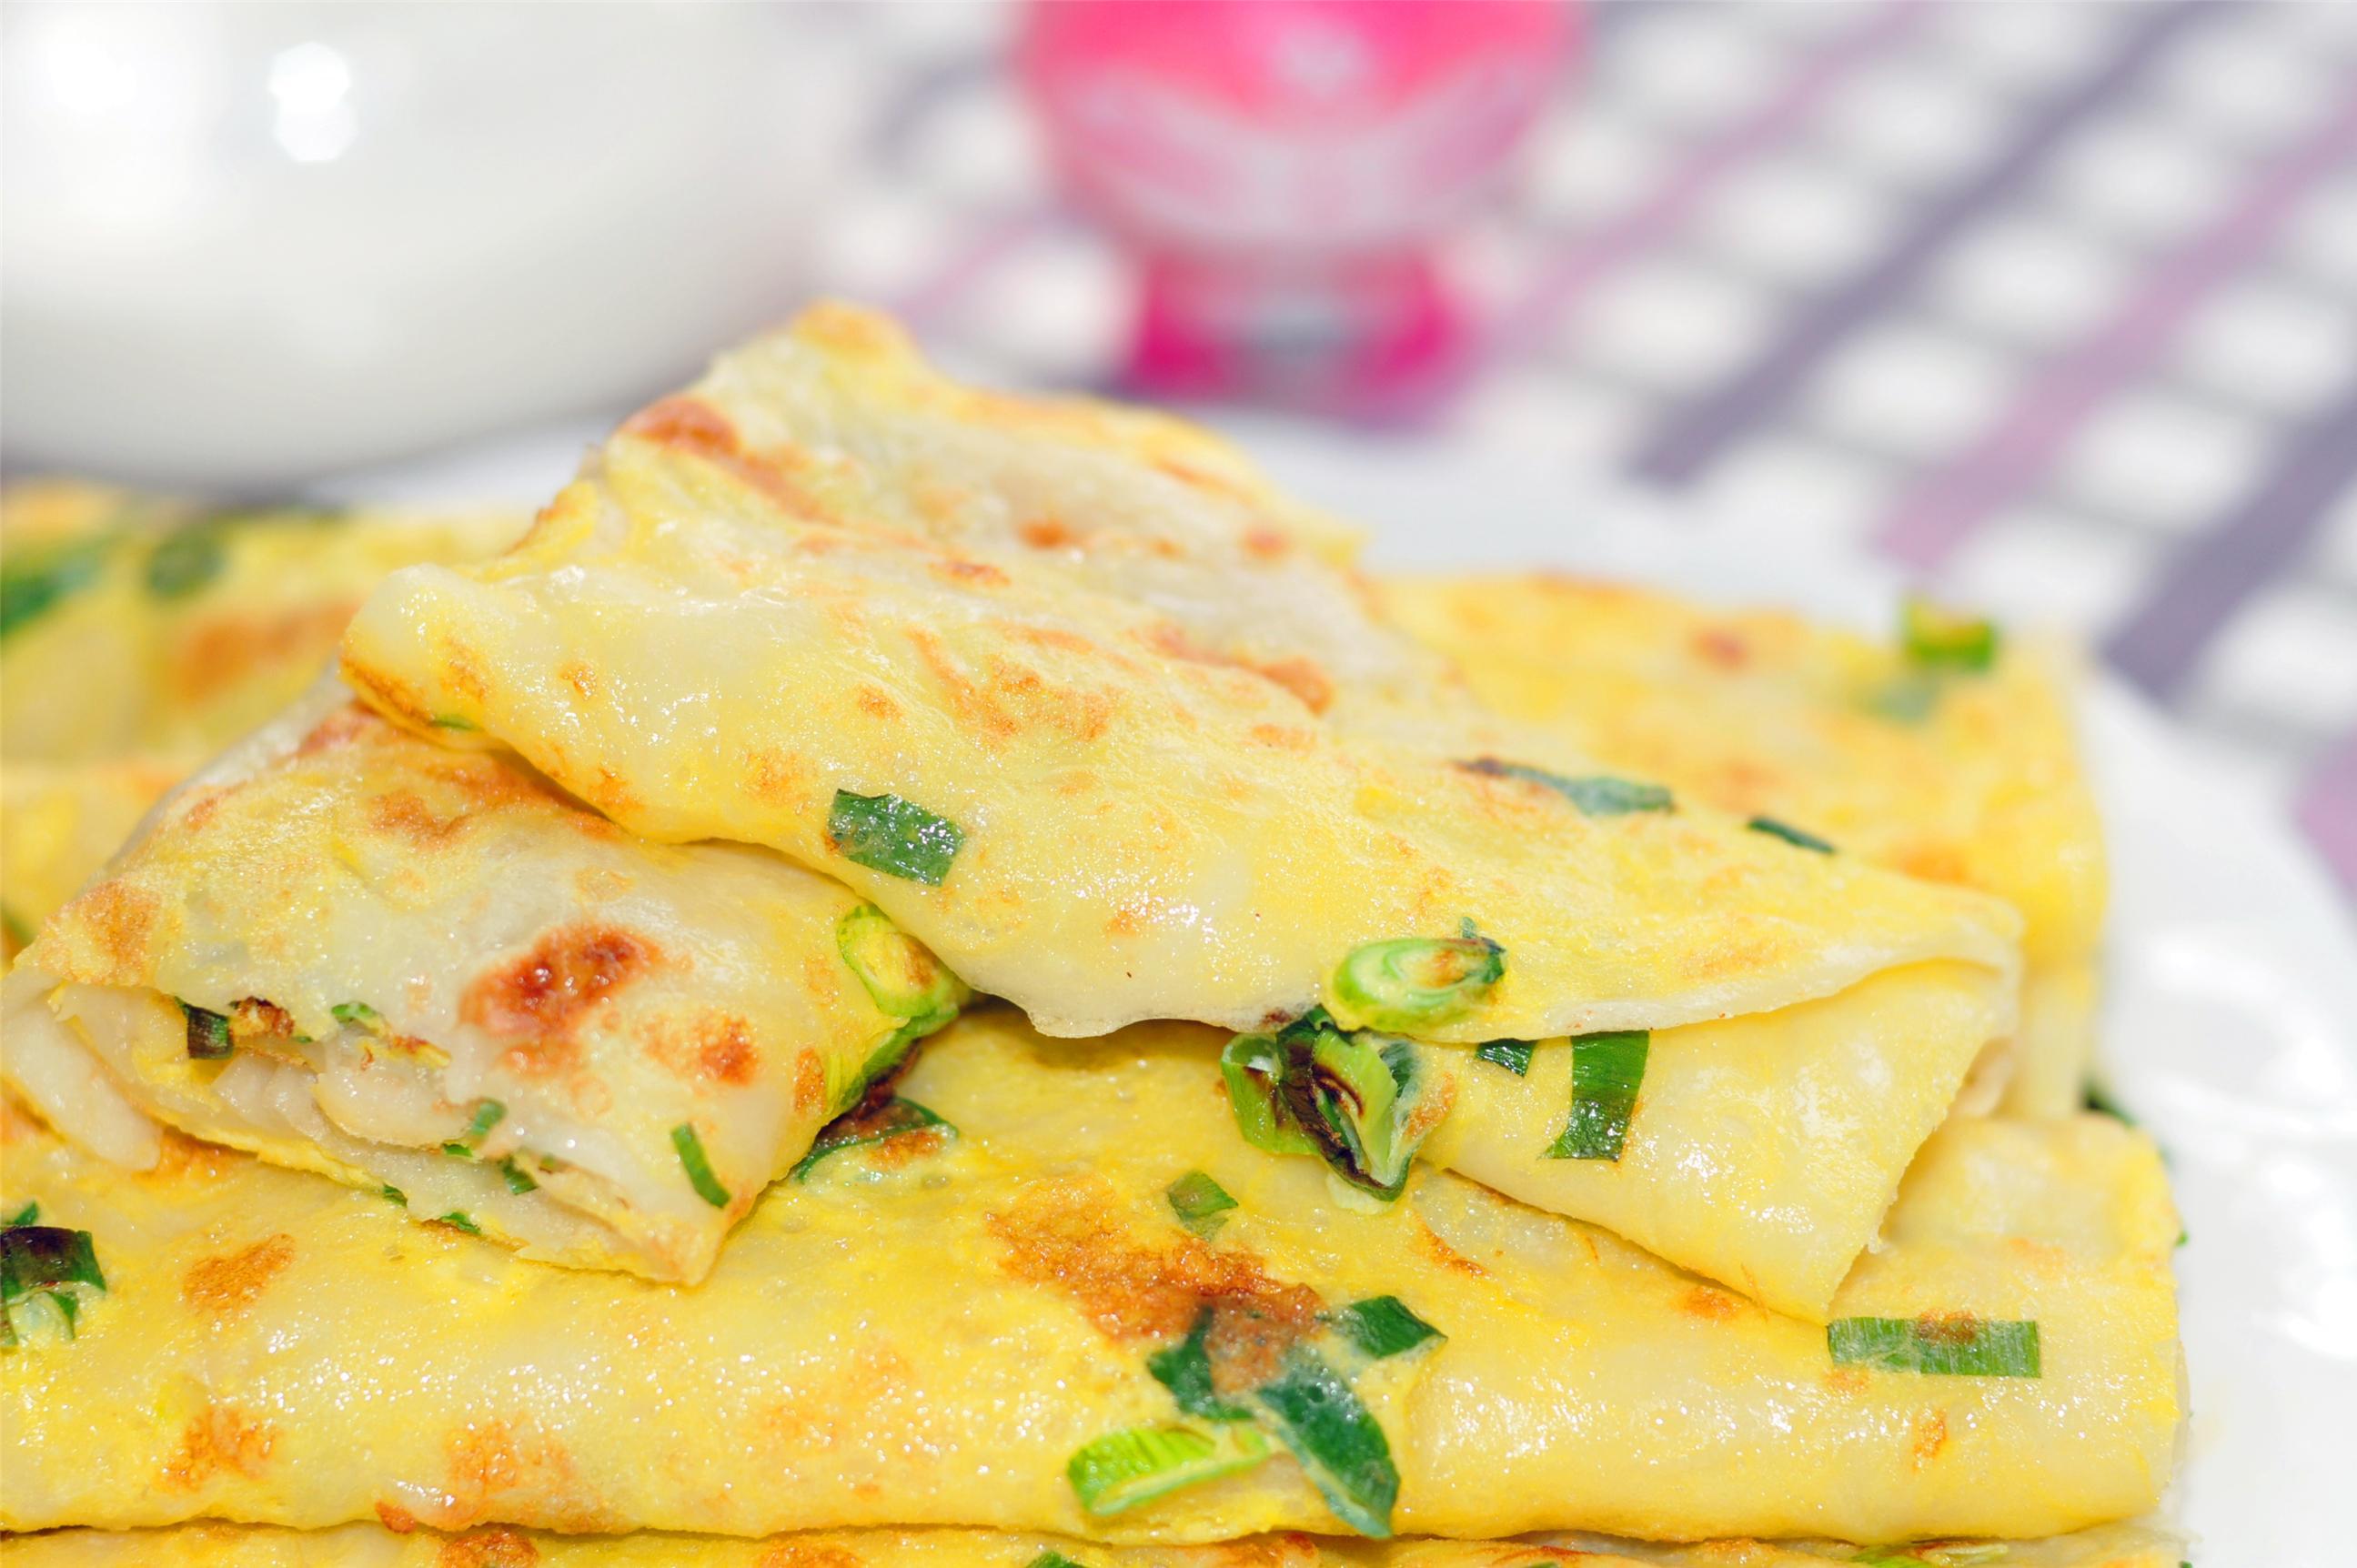 让早餐营养又健康,一碗面粉几个鸡蛋,手不沾面就能做土豆鸡蛋饼